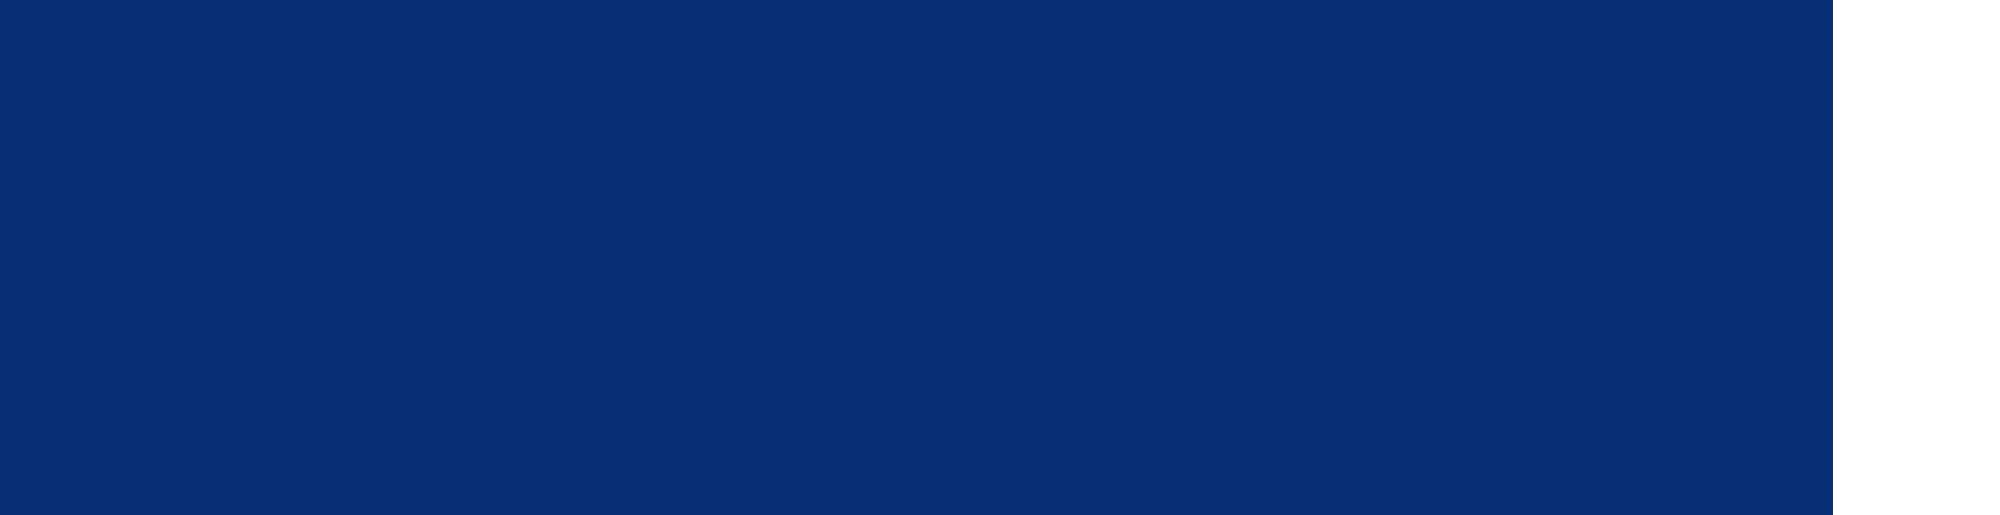 Modré průhledné pozadí